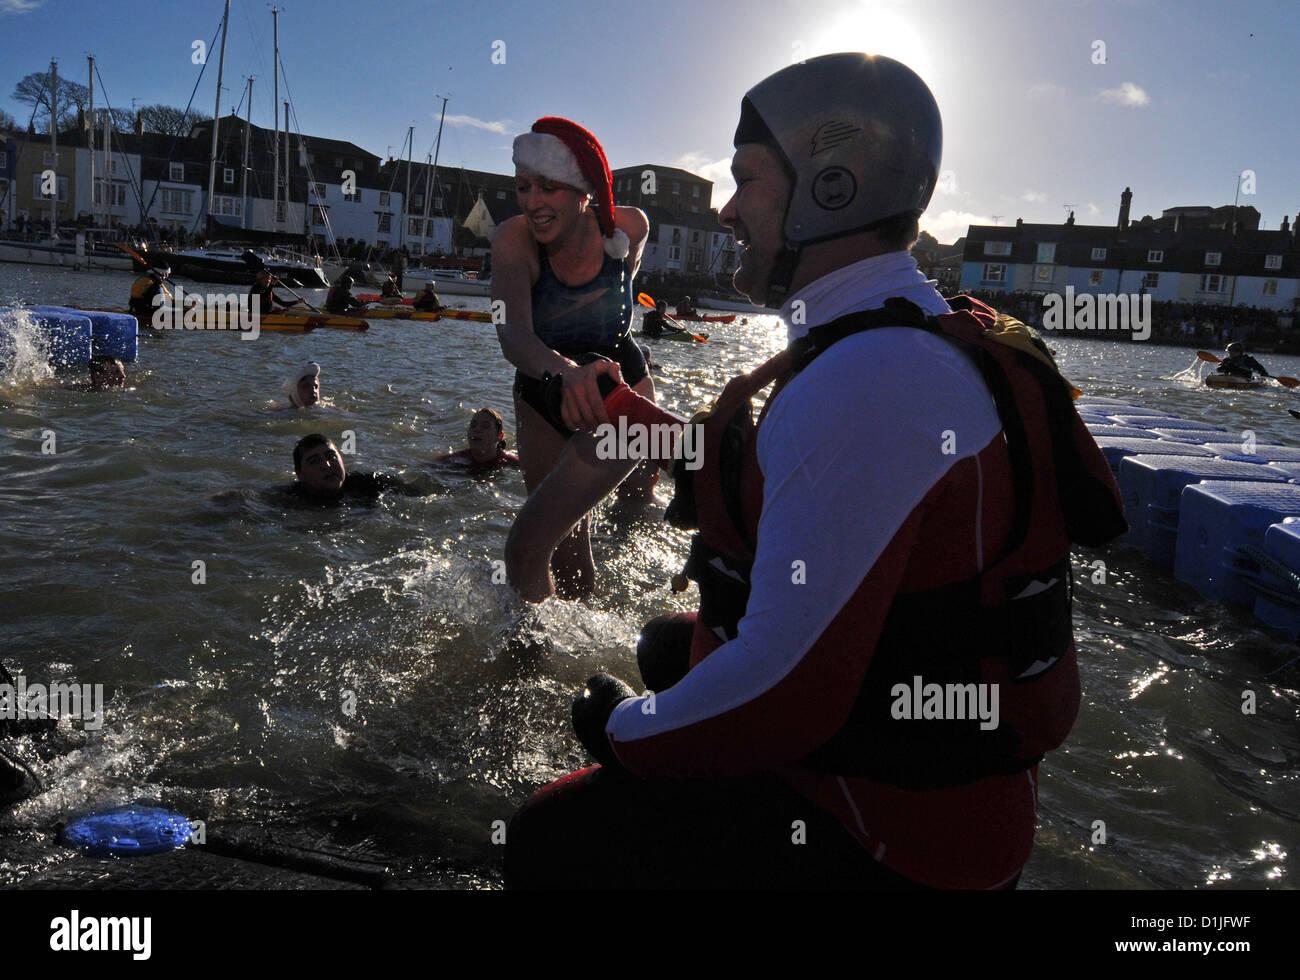 Weihnachten-Hafen schwimmen, Weymouth, Dorset, England, UK Stockbild